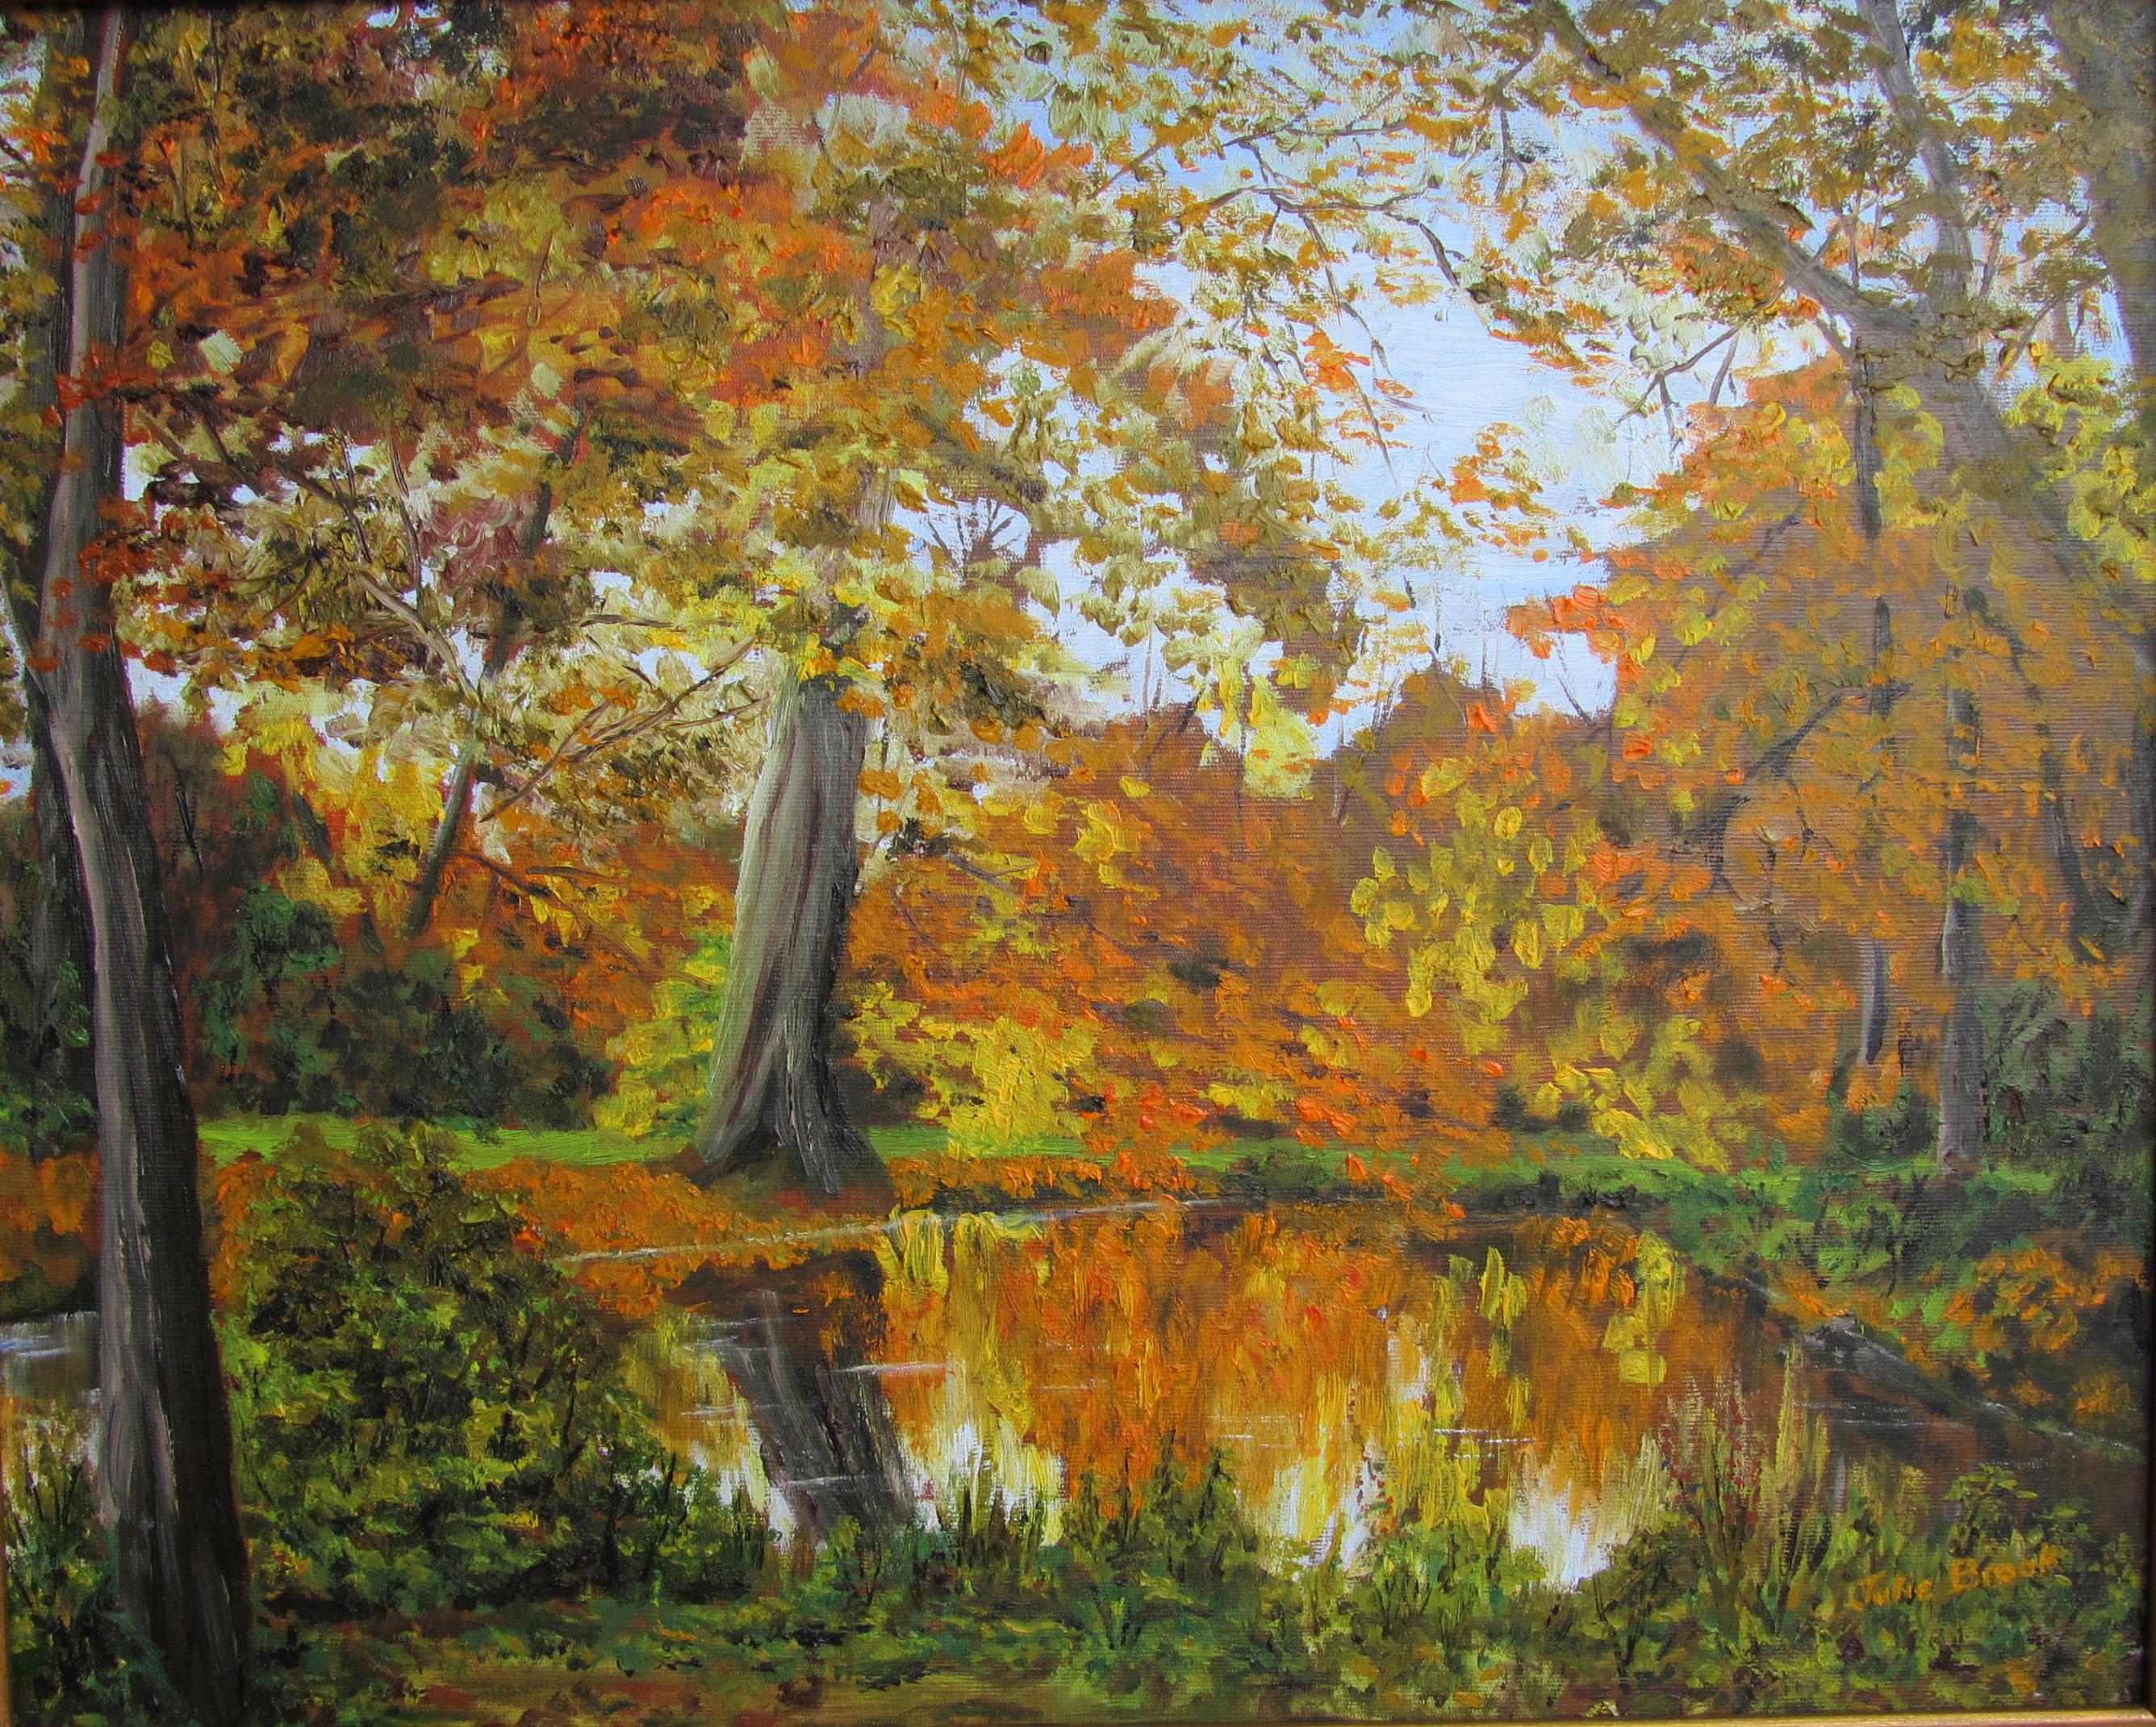 Julie Brook_ Reflections, Morden Hall Park